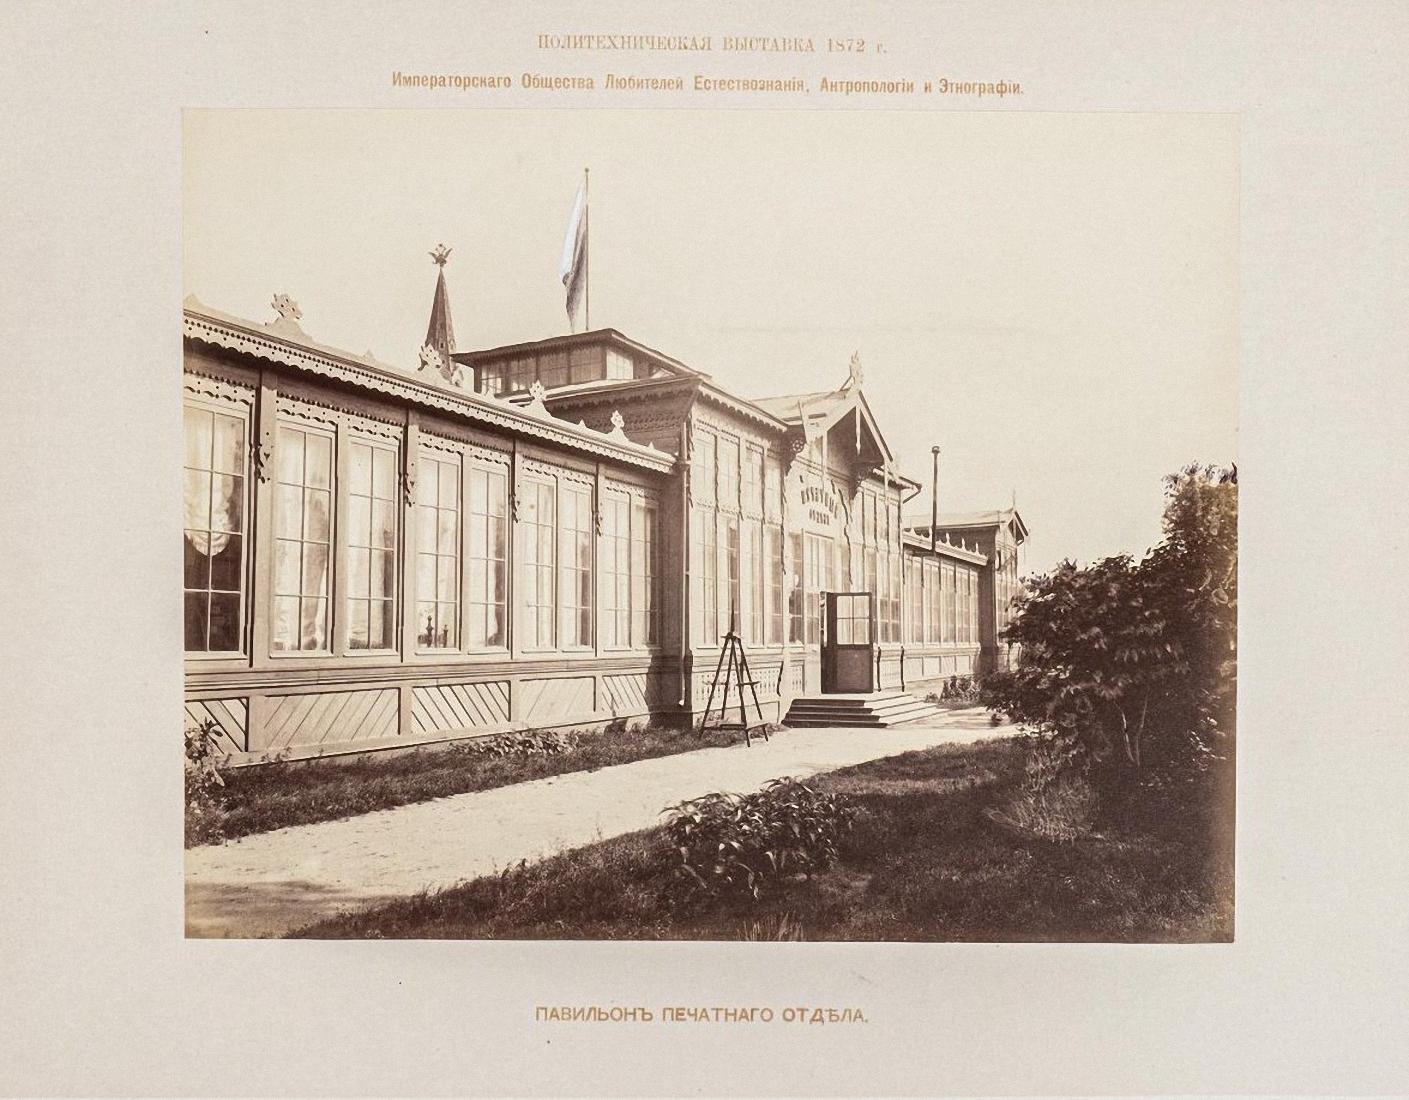 Александровский сад. Павильон печатного отдела